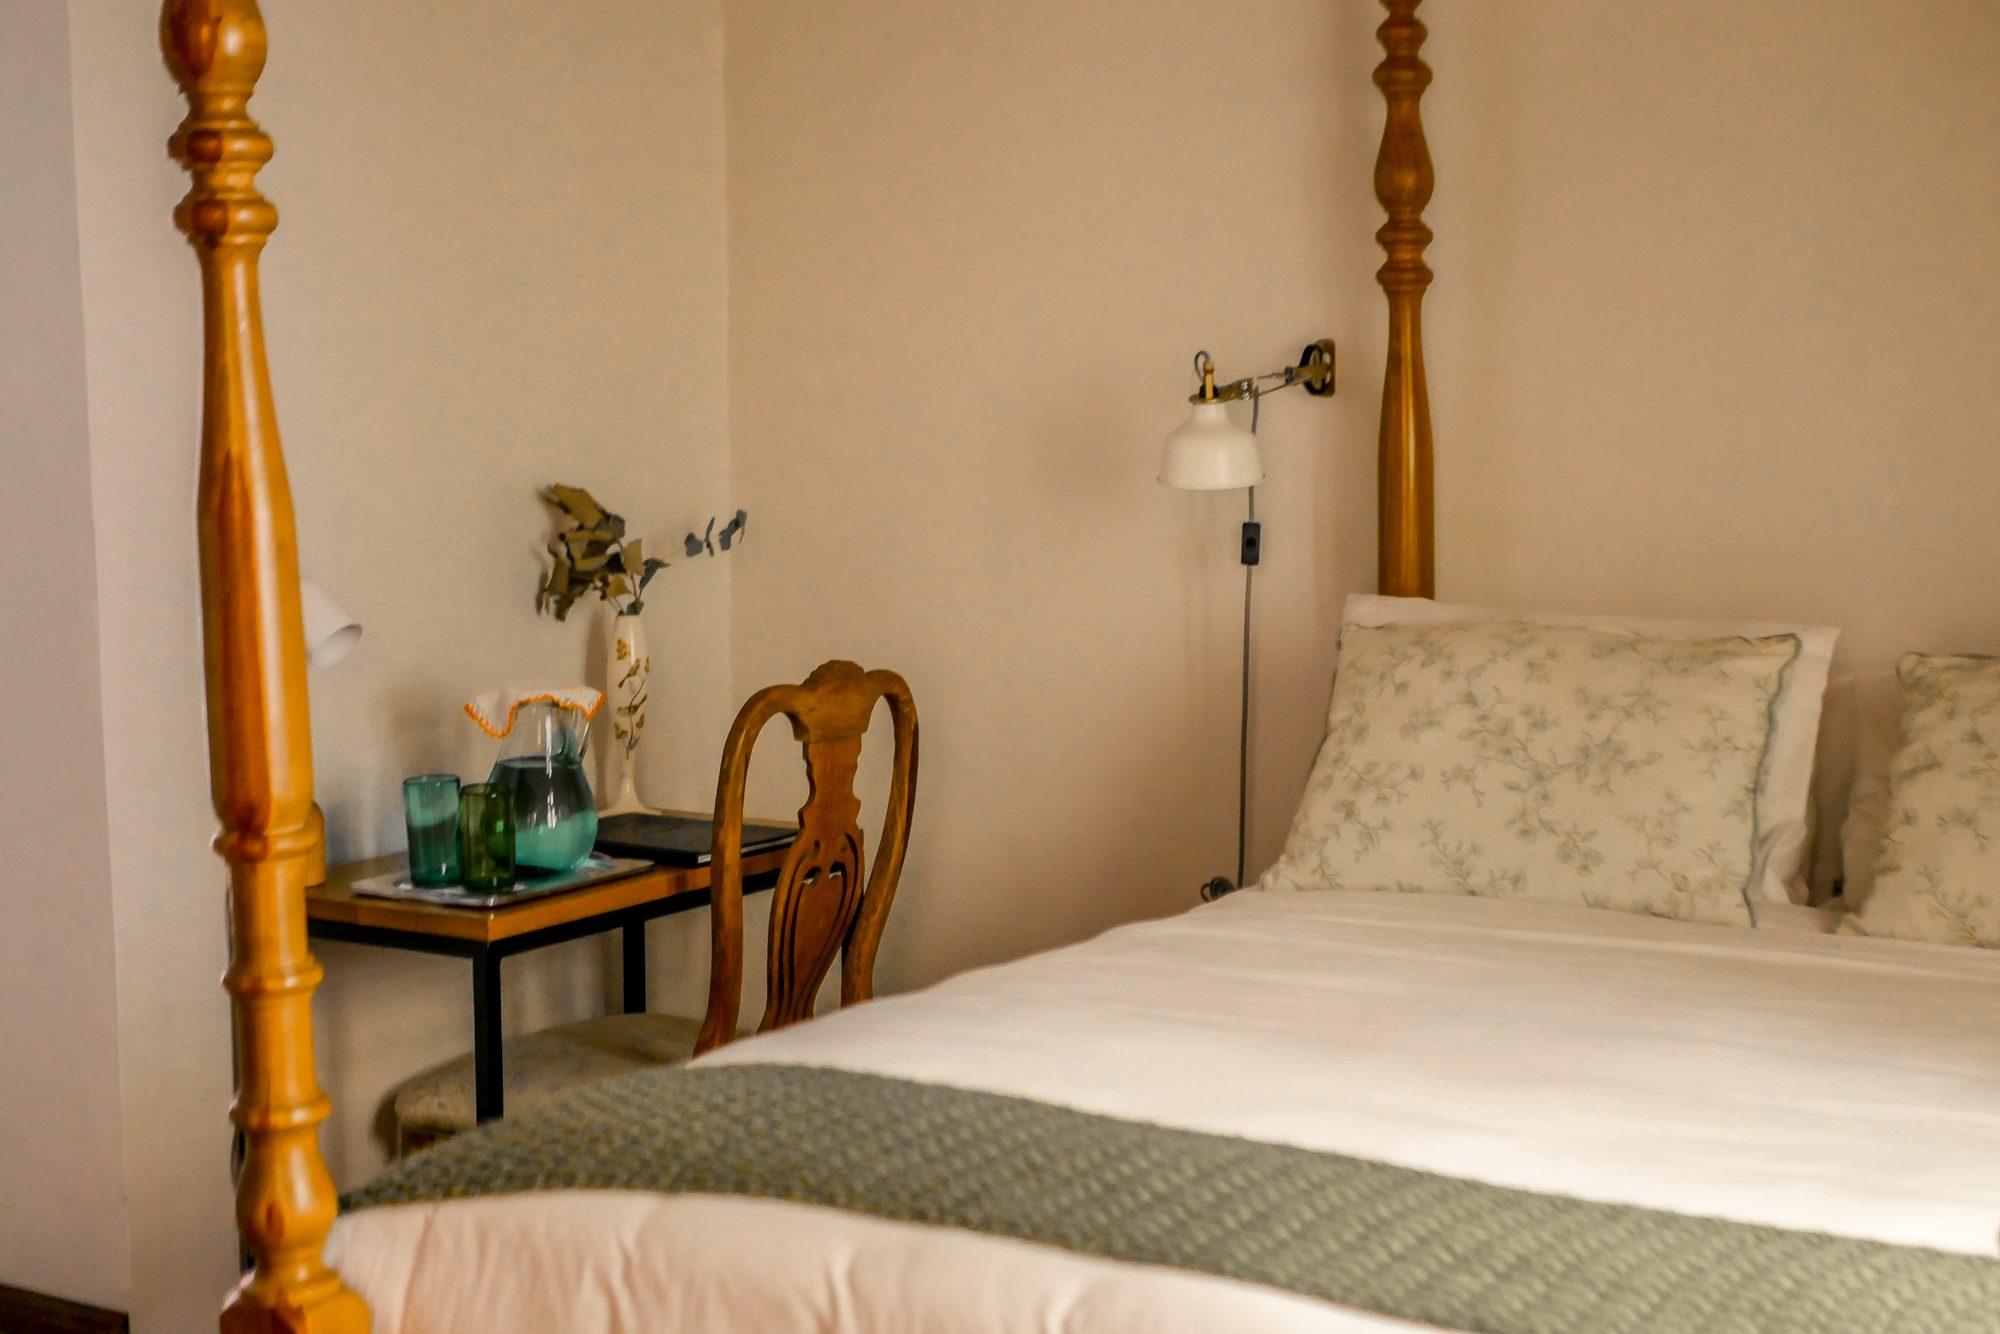 Veracruz room historic hotel in Mexico City